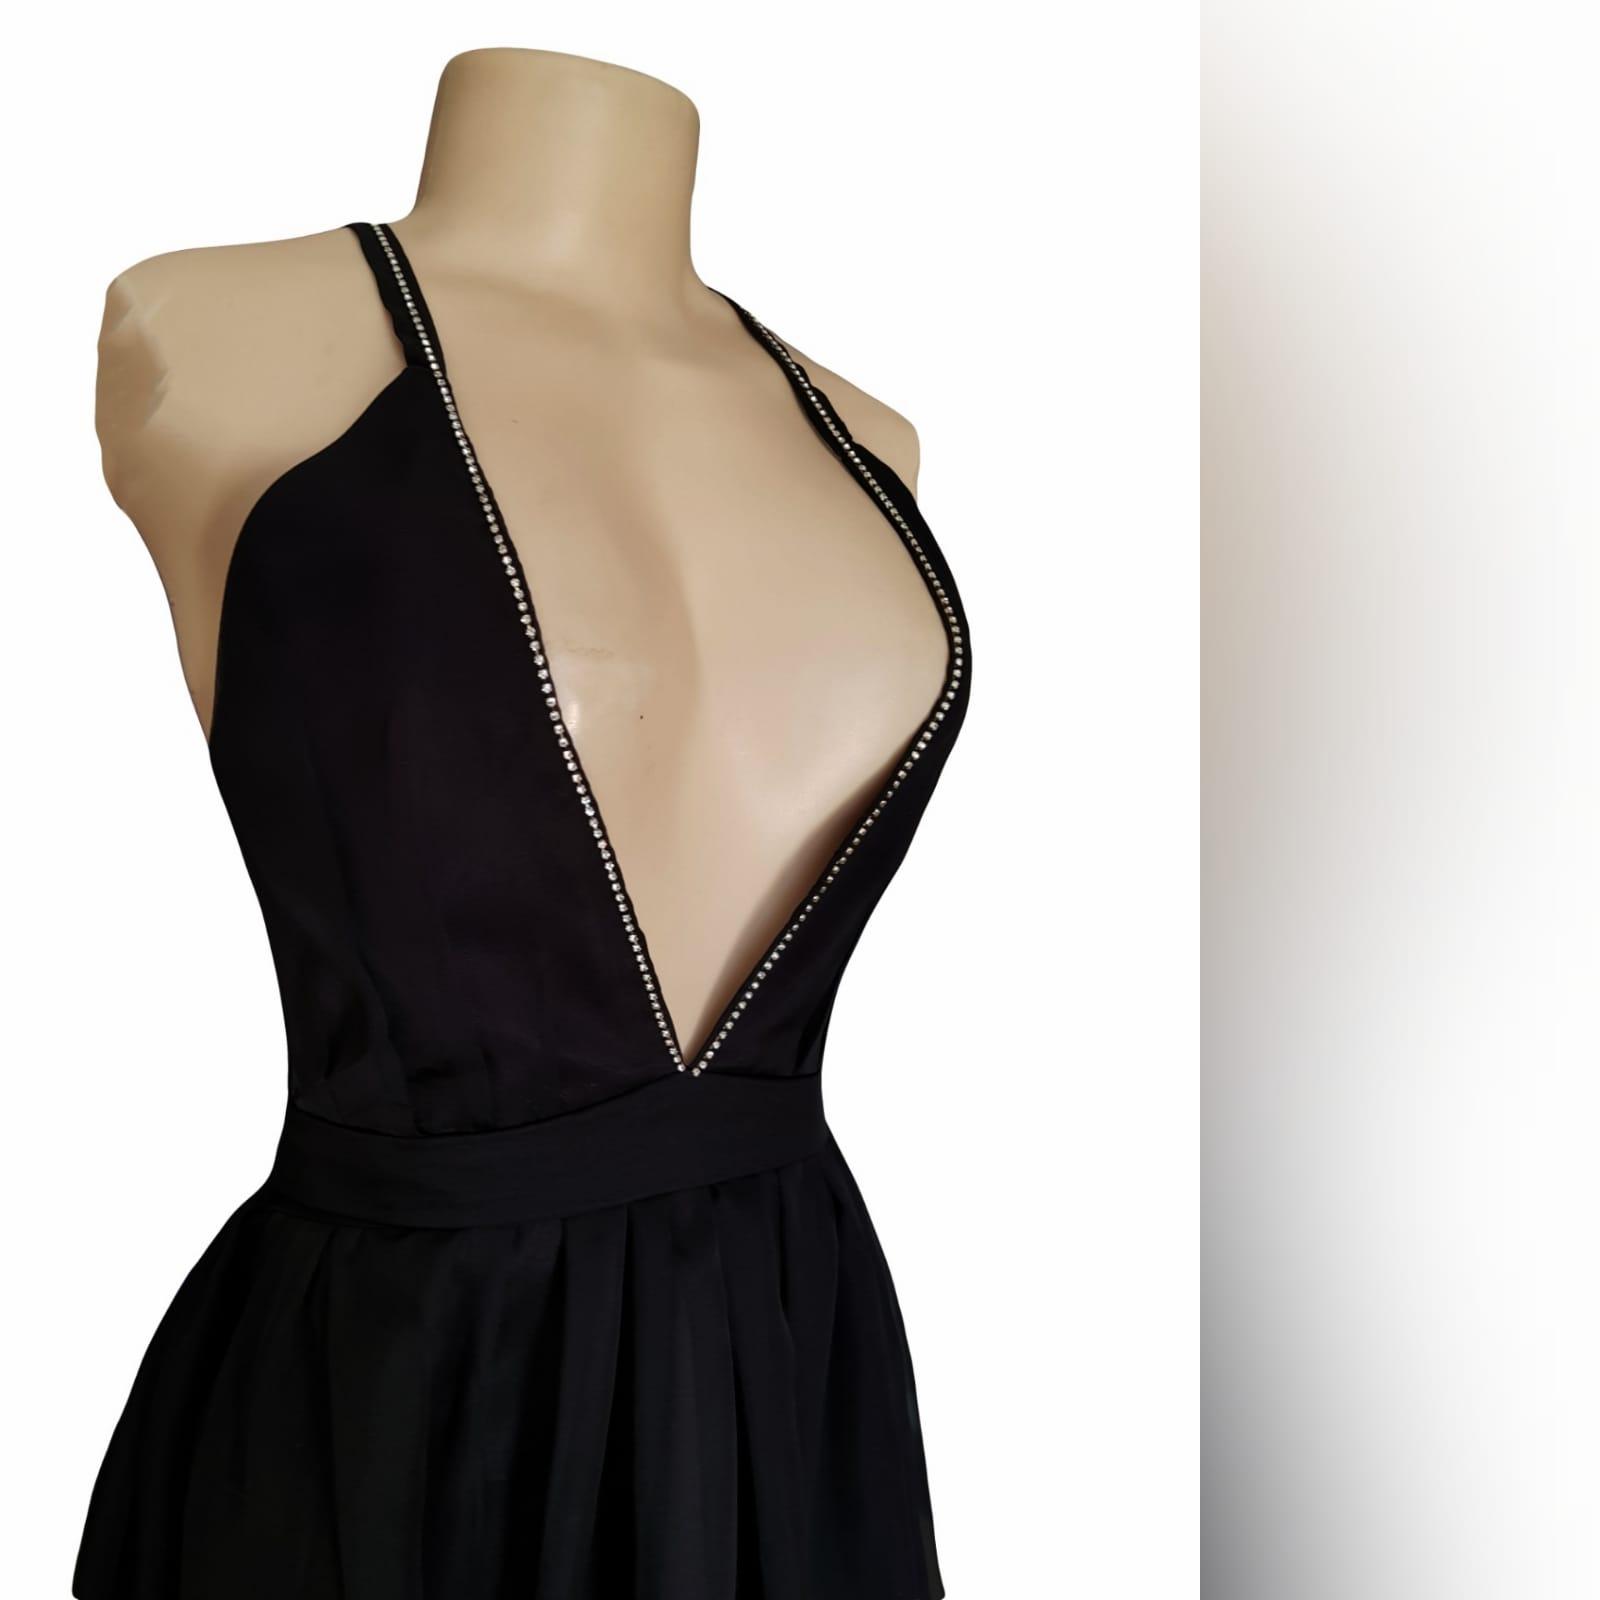 Vestido de cerimônia com decote profundo preto sexy 5 sexy black plunging neckline prom dress, with a naked back, crossed straps detailed with diamante and a slit